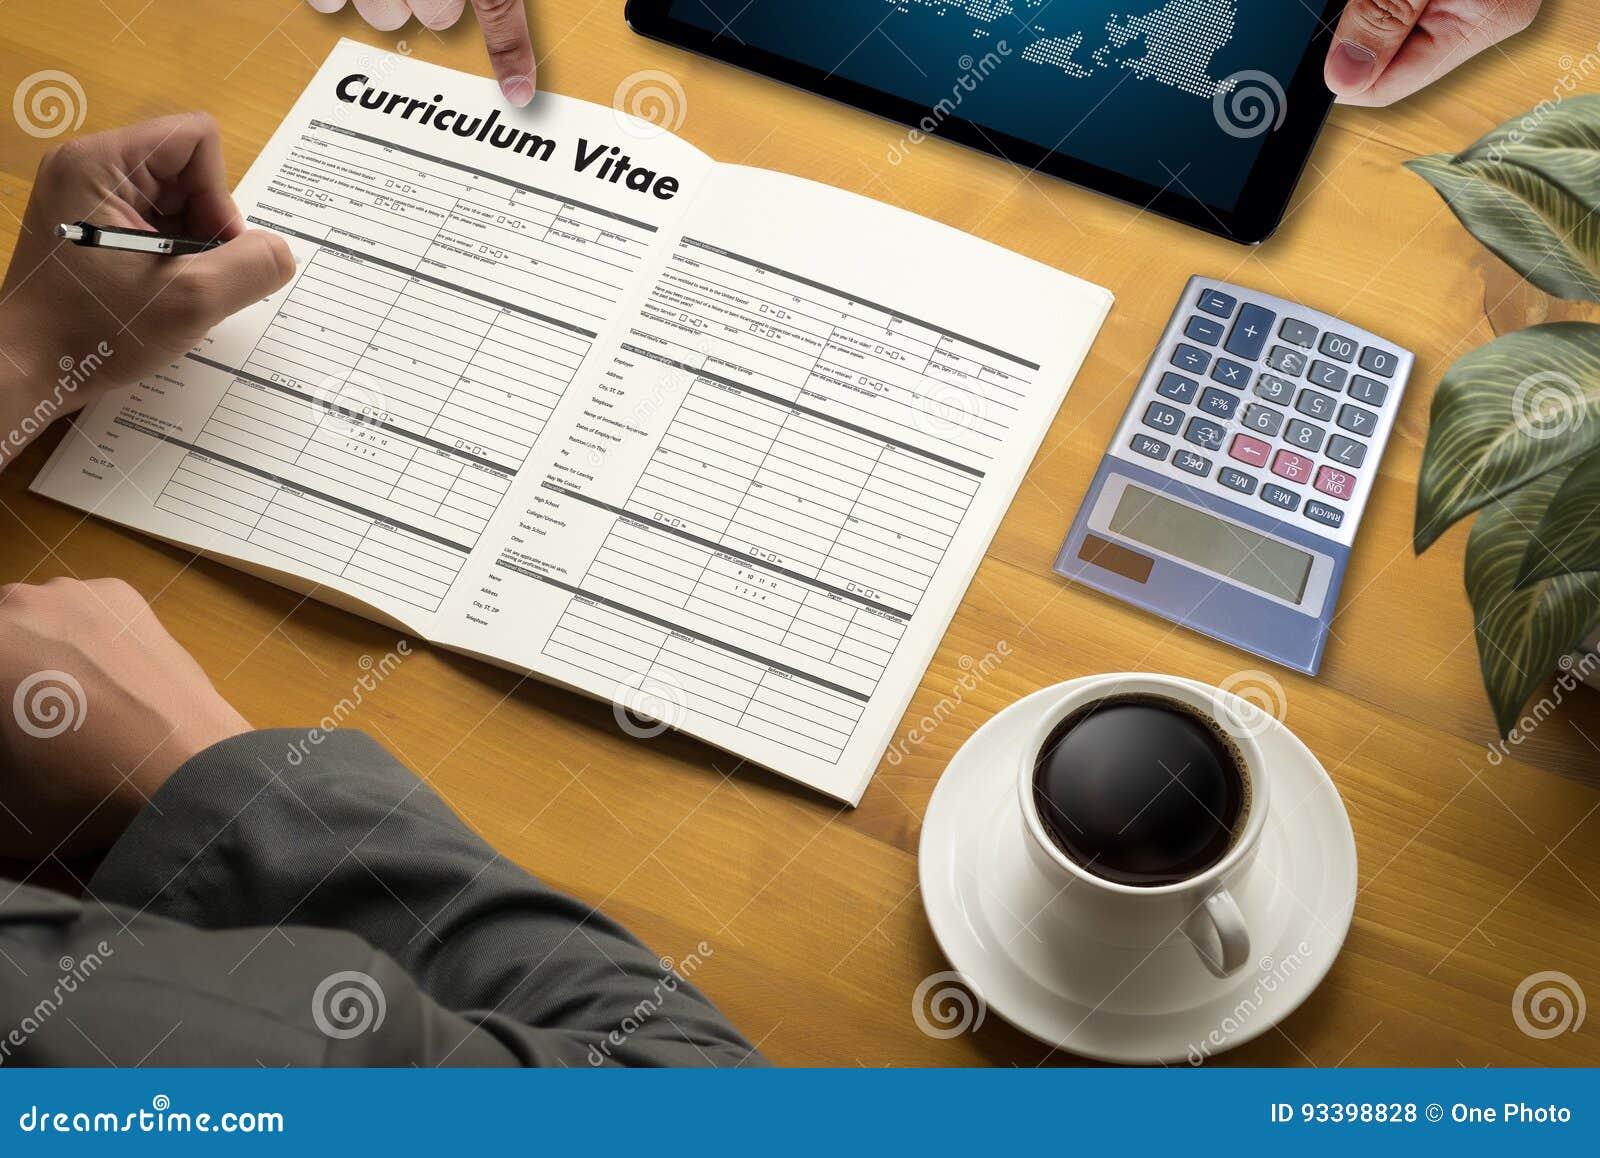 CV - Curriculum vitae (conceito da entrevista de trabalho com o CV do negócio com referência a